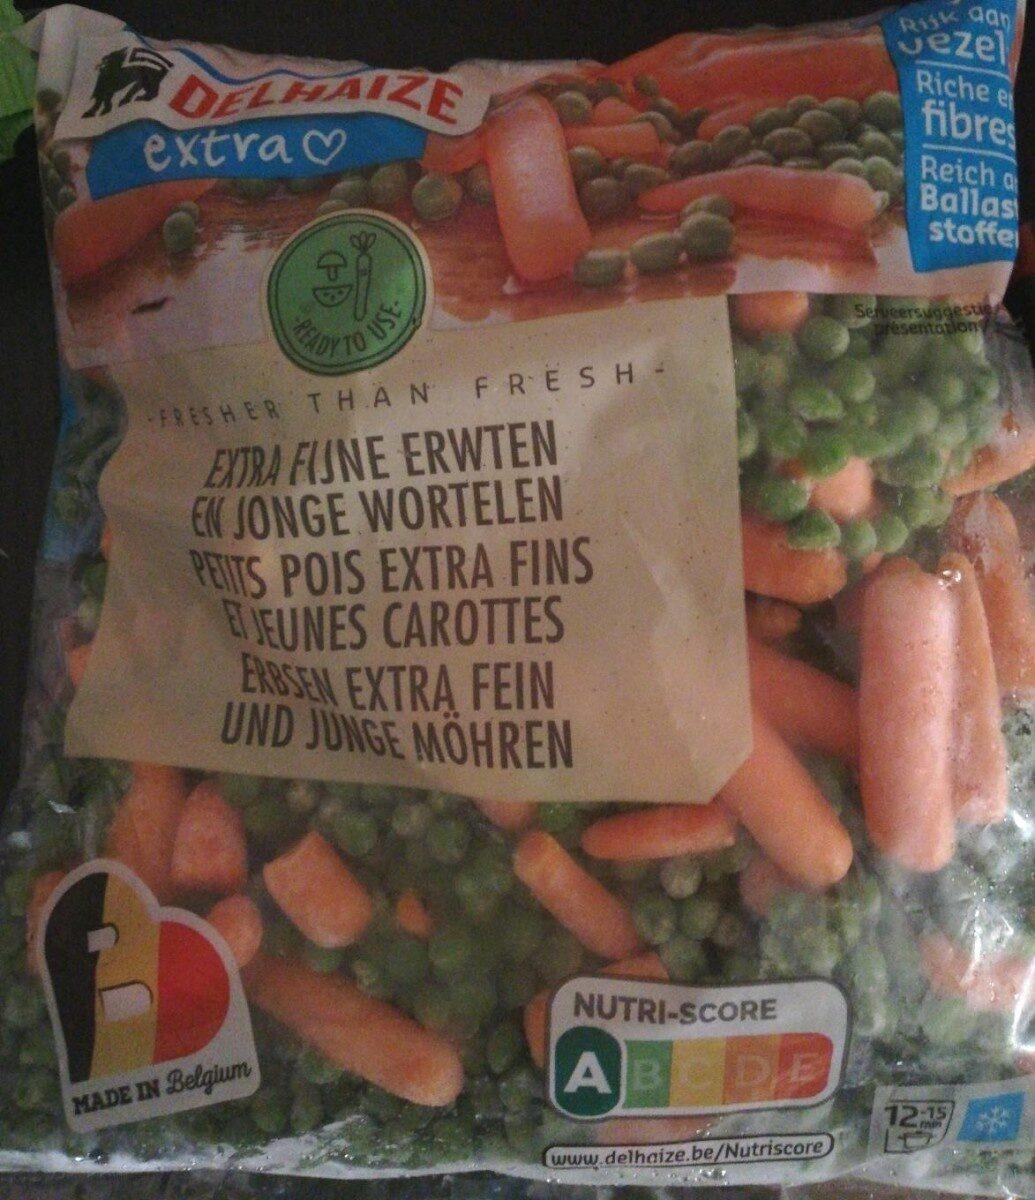 Petits pois extra fins et jeunes carottes - Produit - fr